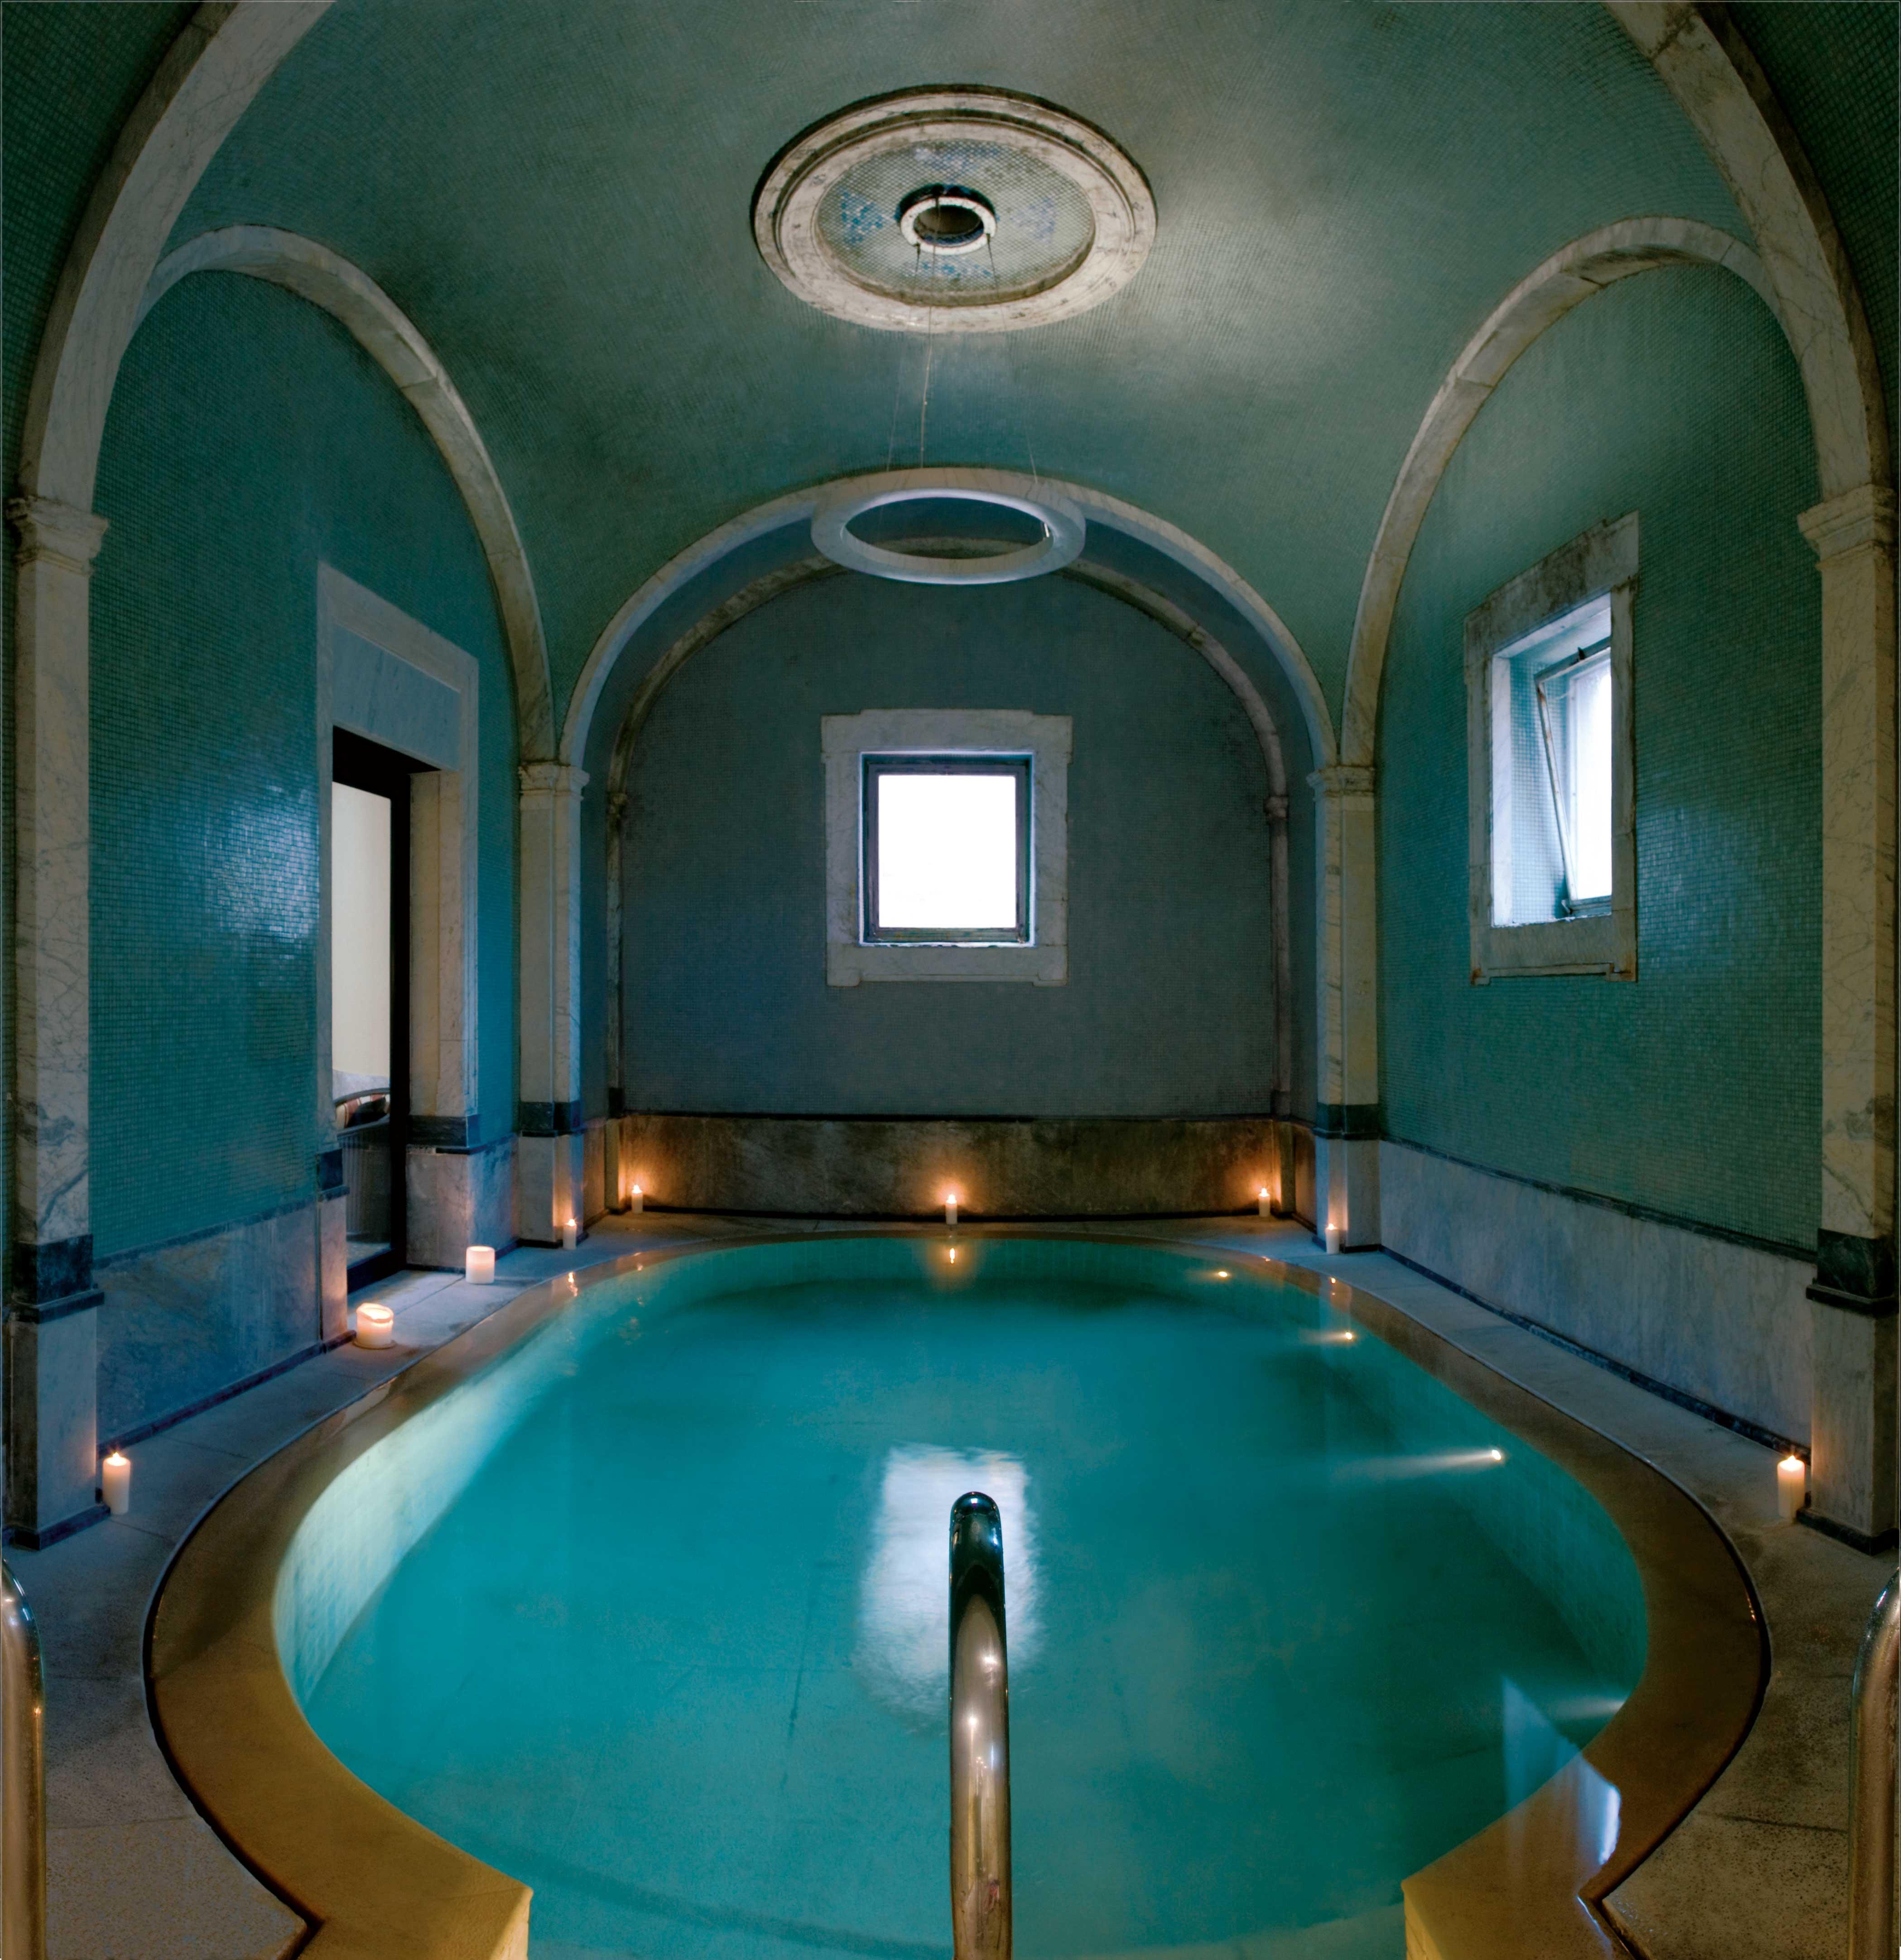 Bagni di pisa palace spa trattamenti detox tra arte e storia - Bagni di pisa palace spa ...